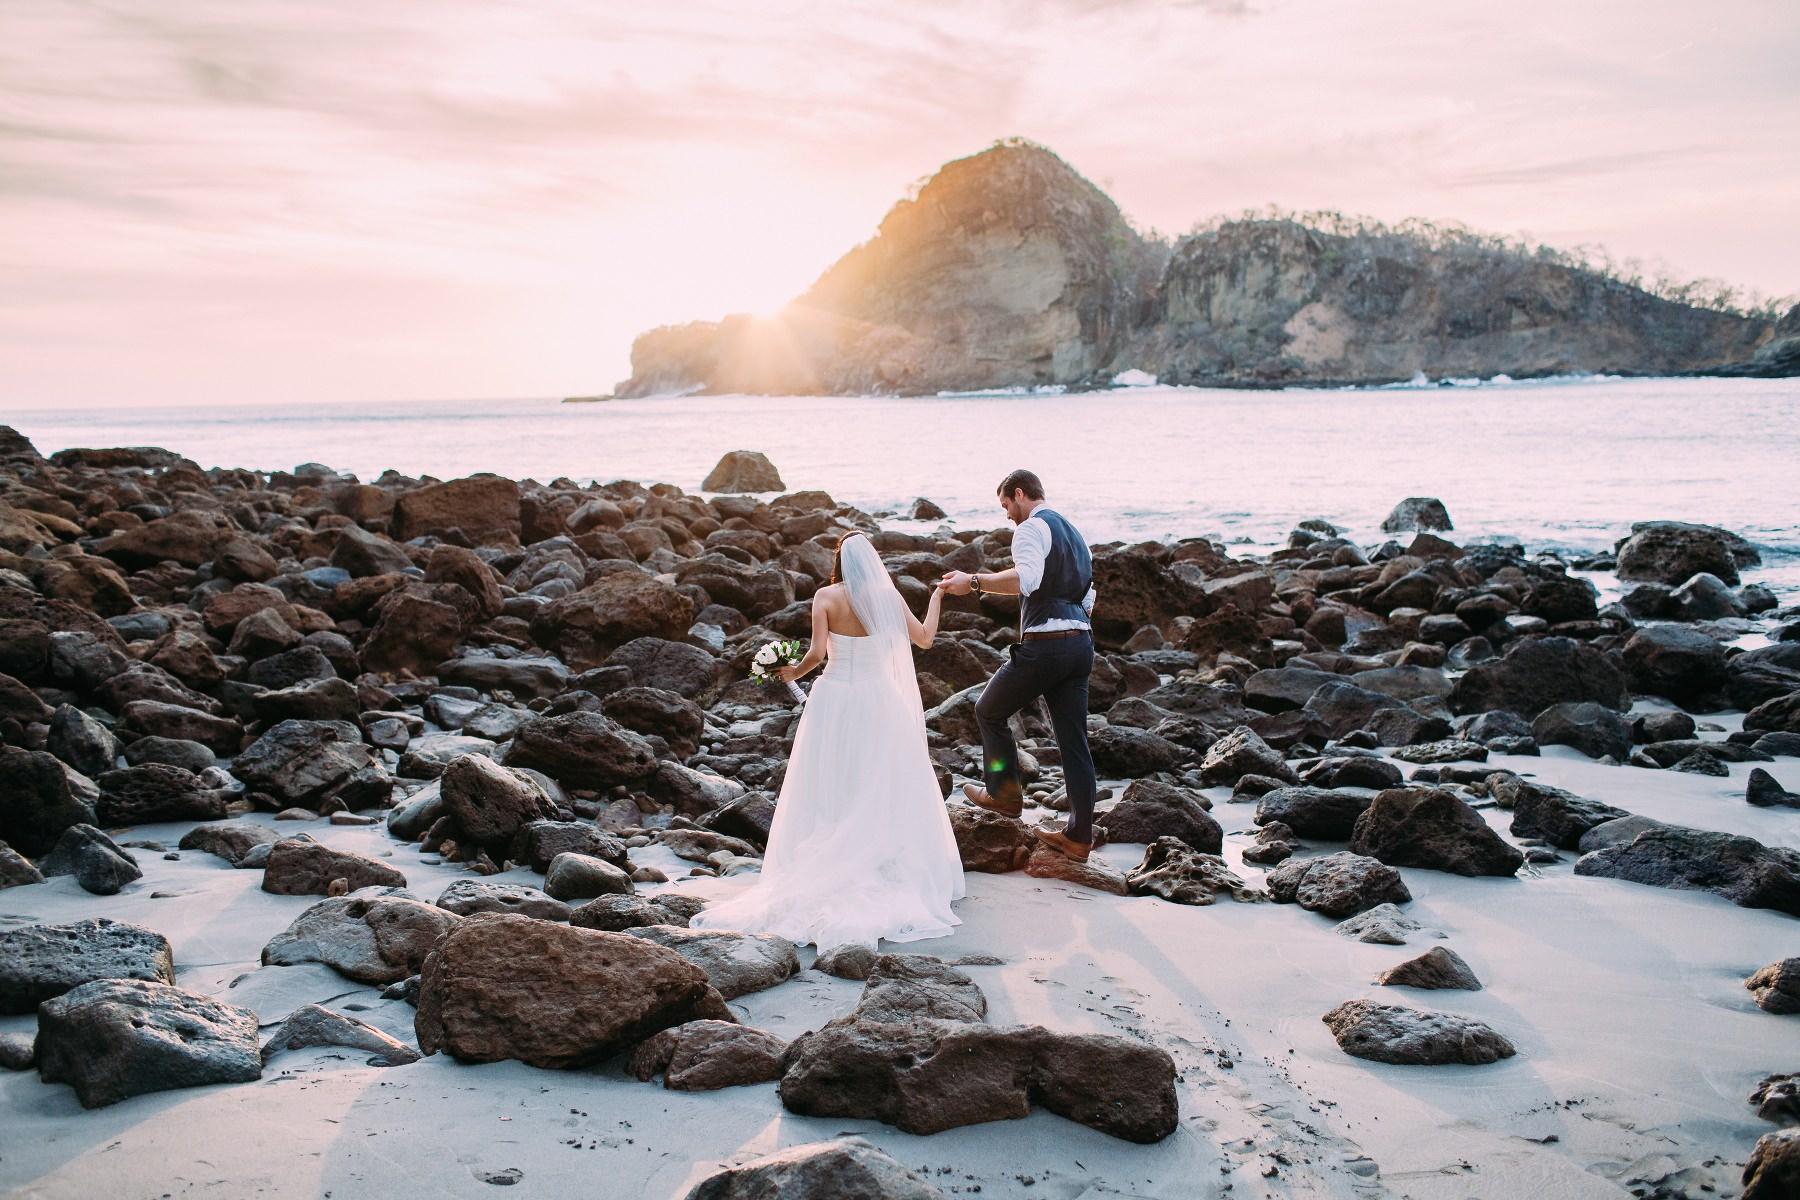 Wedding venue photography - Nicaragua